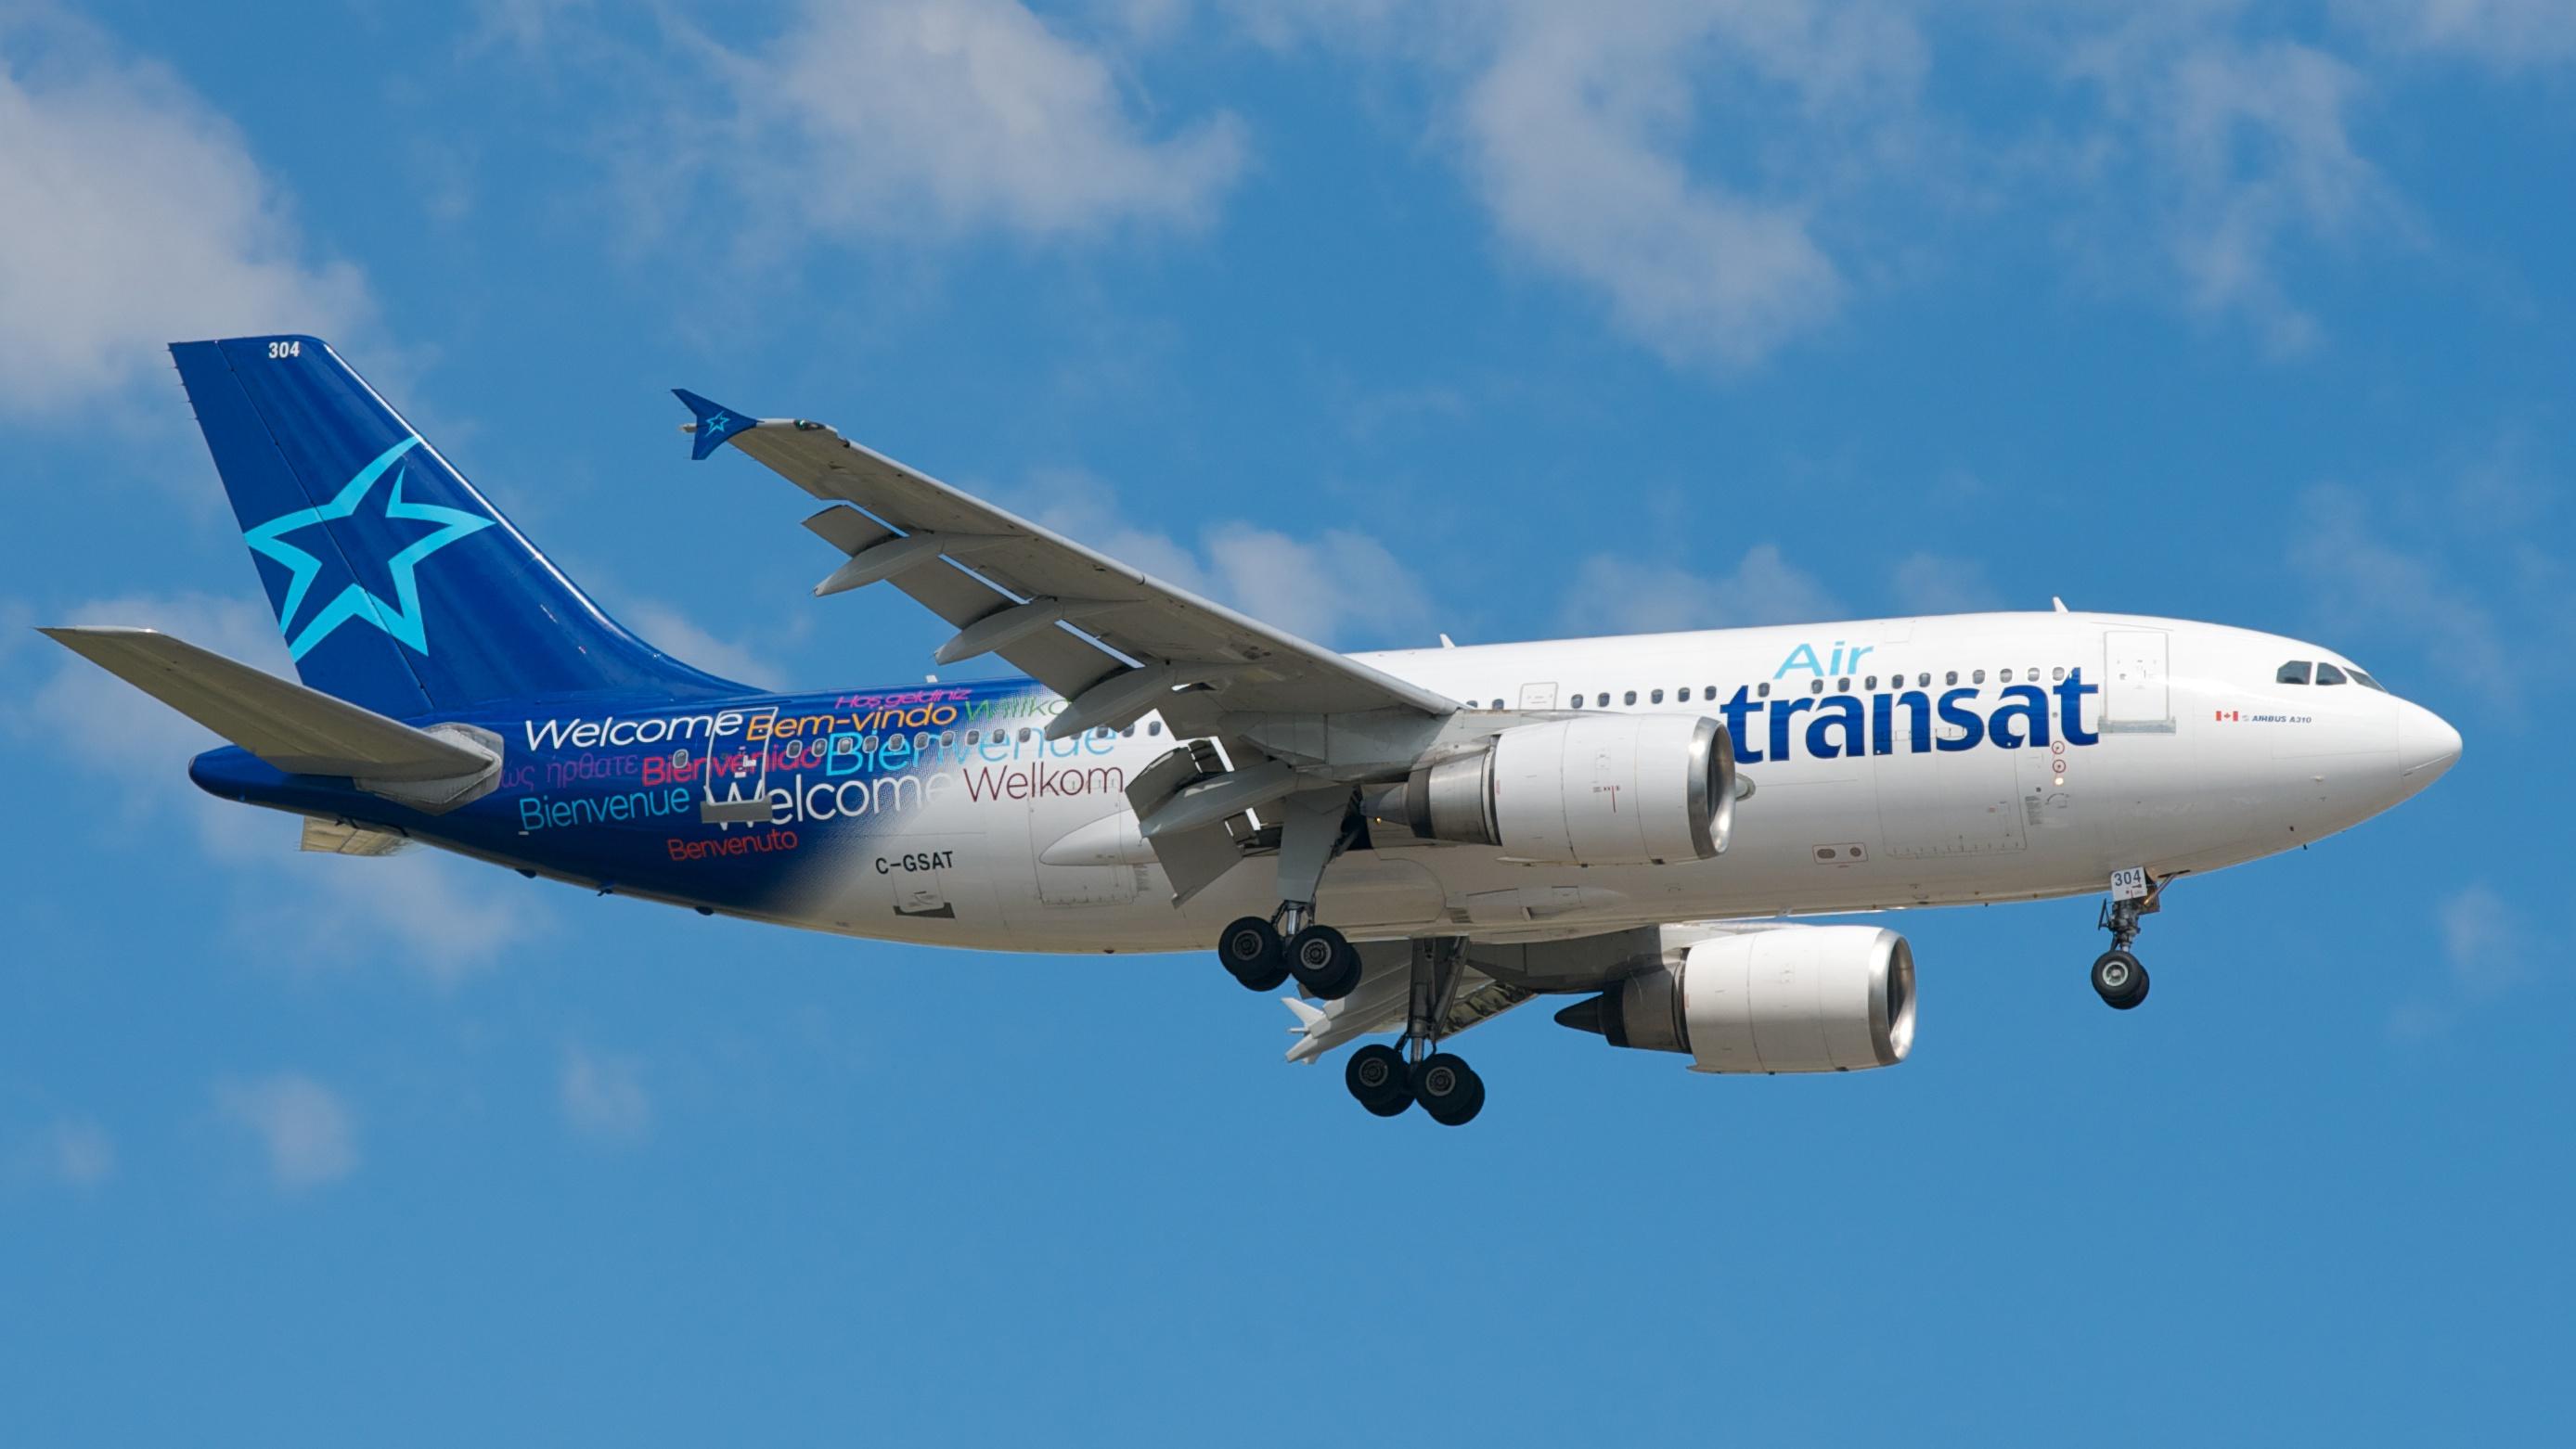 Úti célok 2015-re: új repülőjáratok